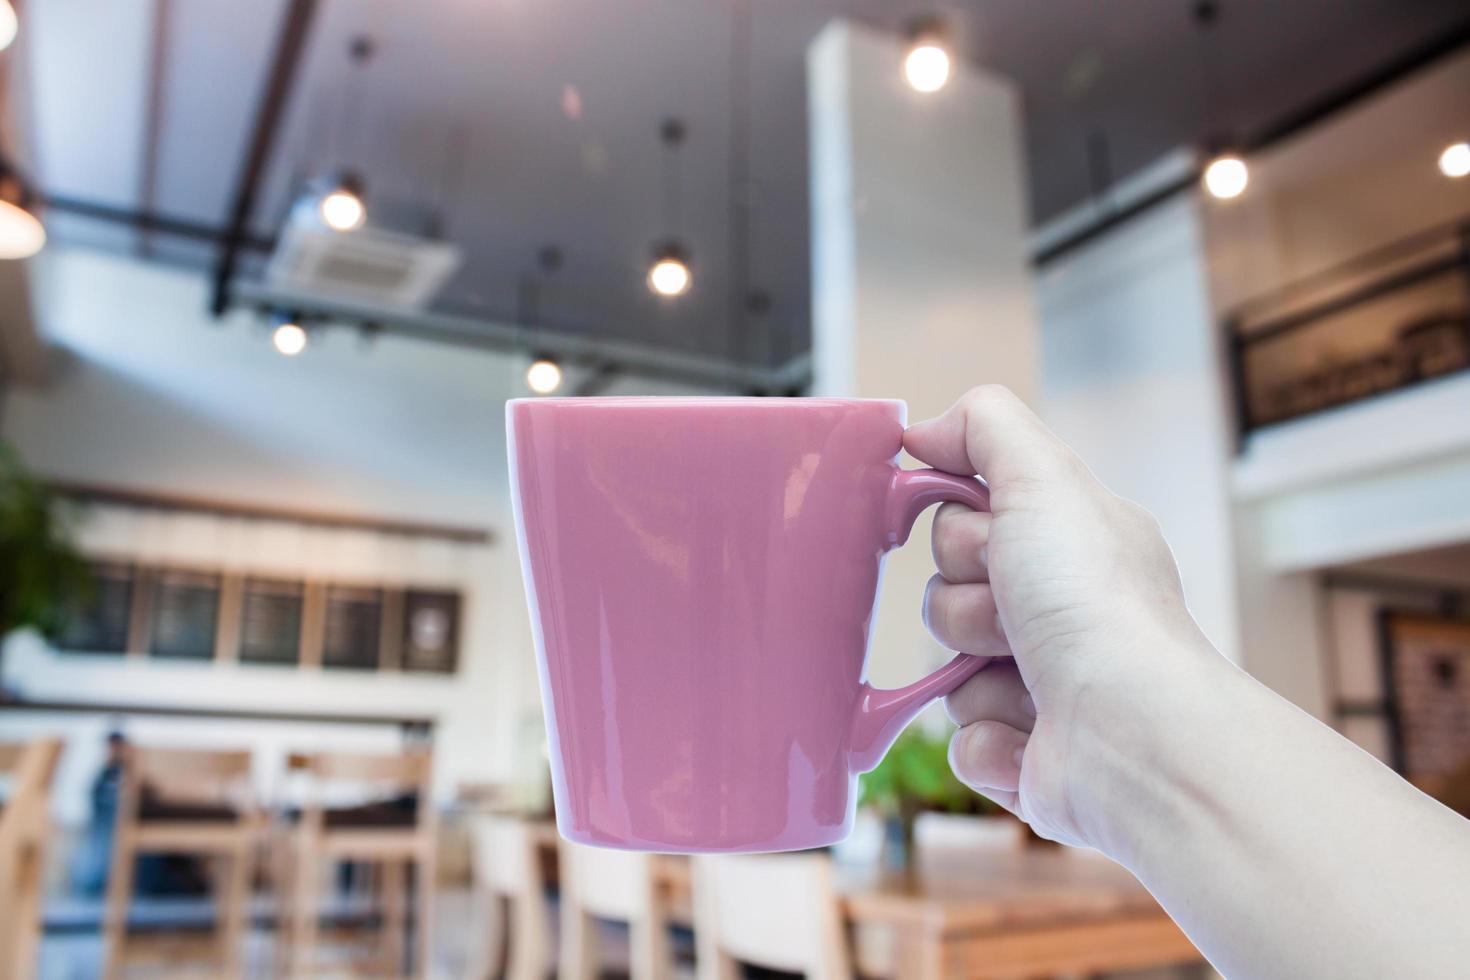 personne tenant une tasse de café photo